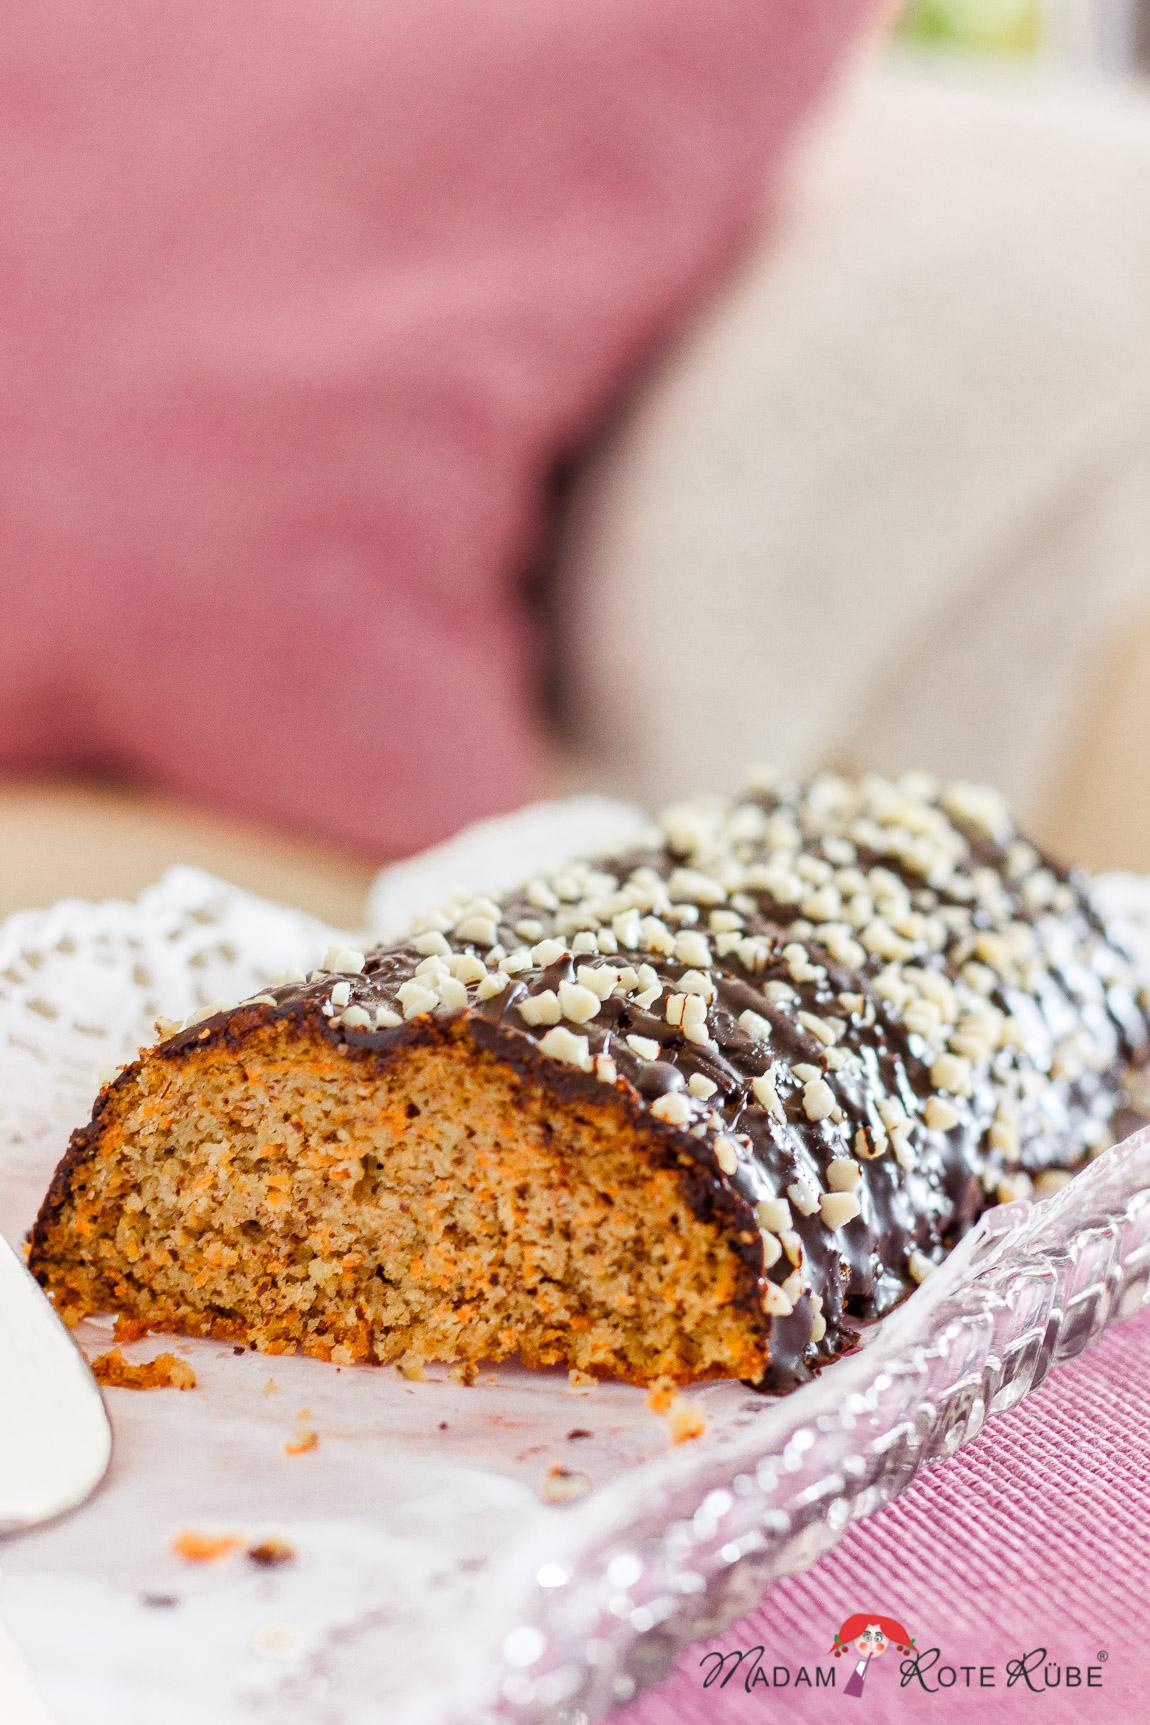 Da schwächelt sogar der Osterhase: Feiner Möhren-Dinkelvollkorn-Kuchen - ein leichtes Kuchenrezept ohne Fett